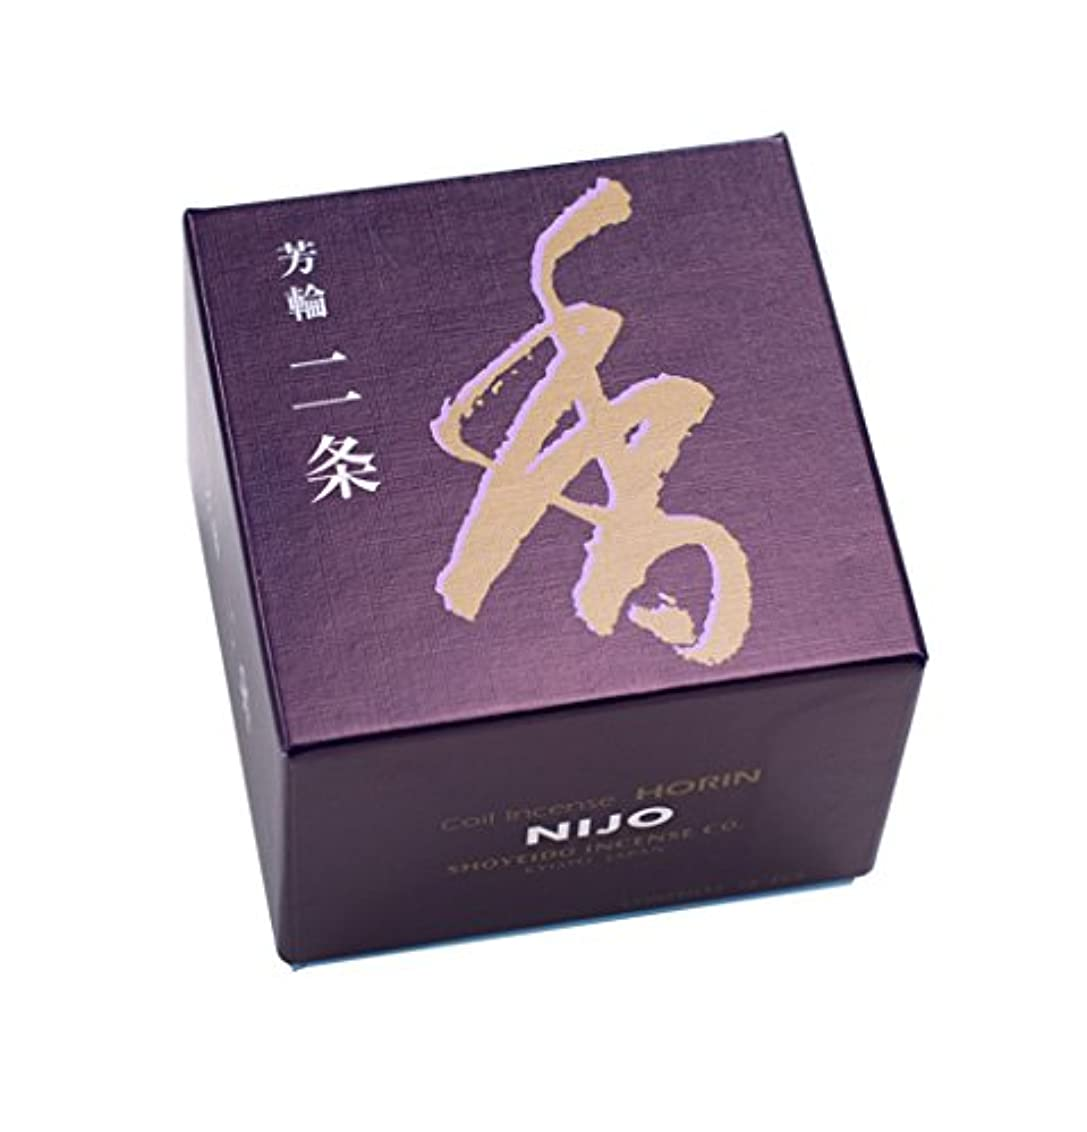 夏大惨事その間松栄堂のお香 芳輪二条 渦巻型10枚入 うてな角型付 #210121